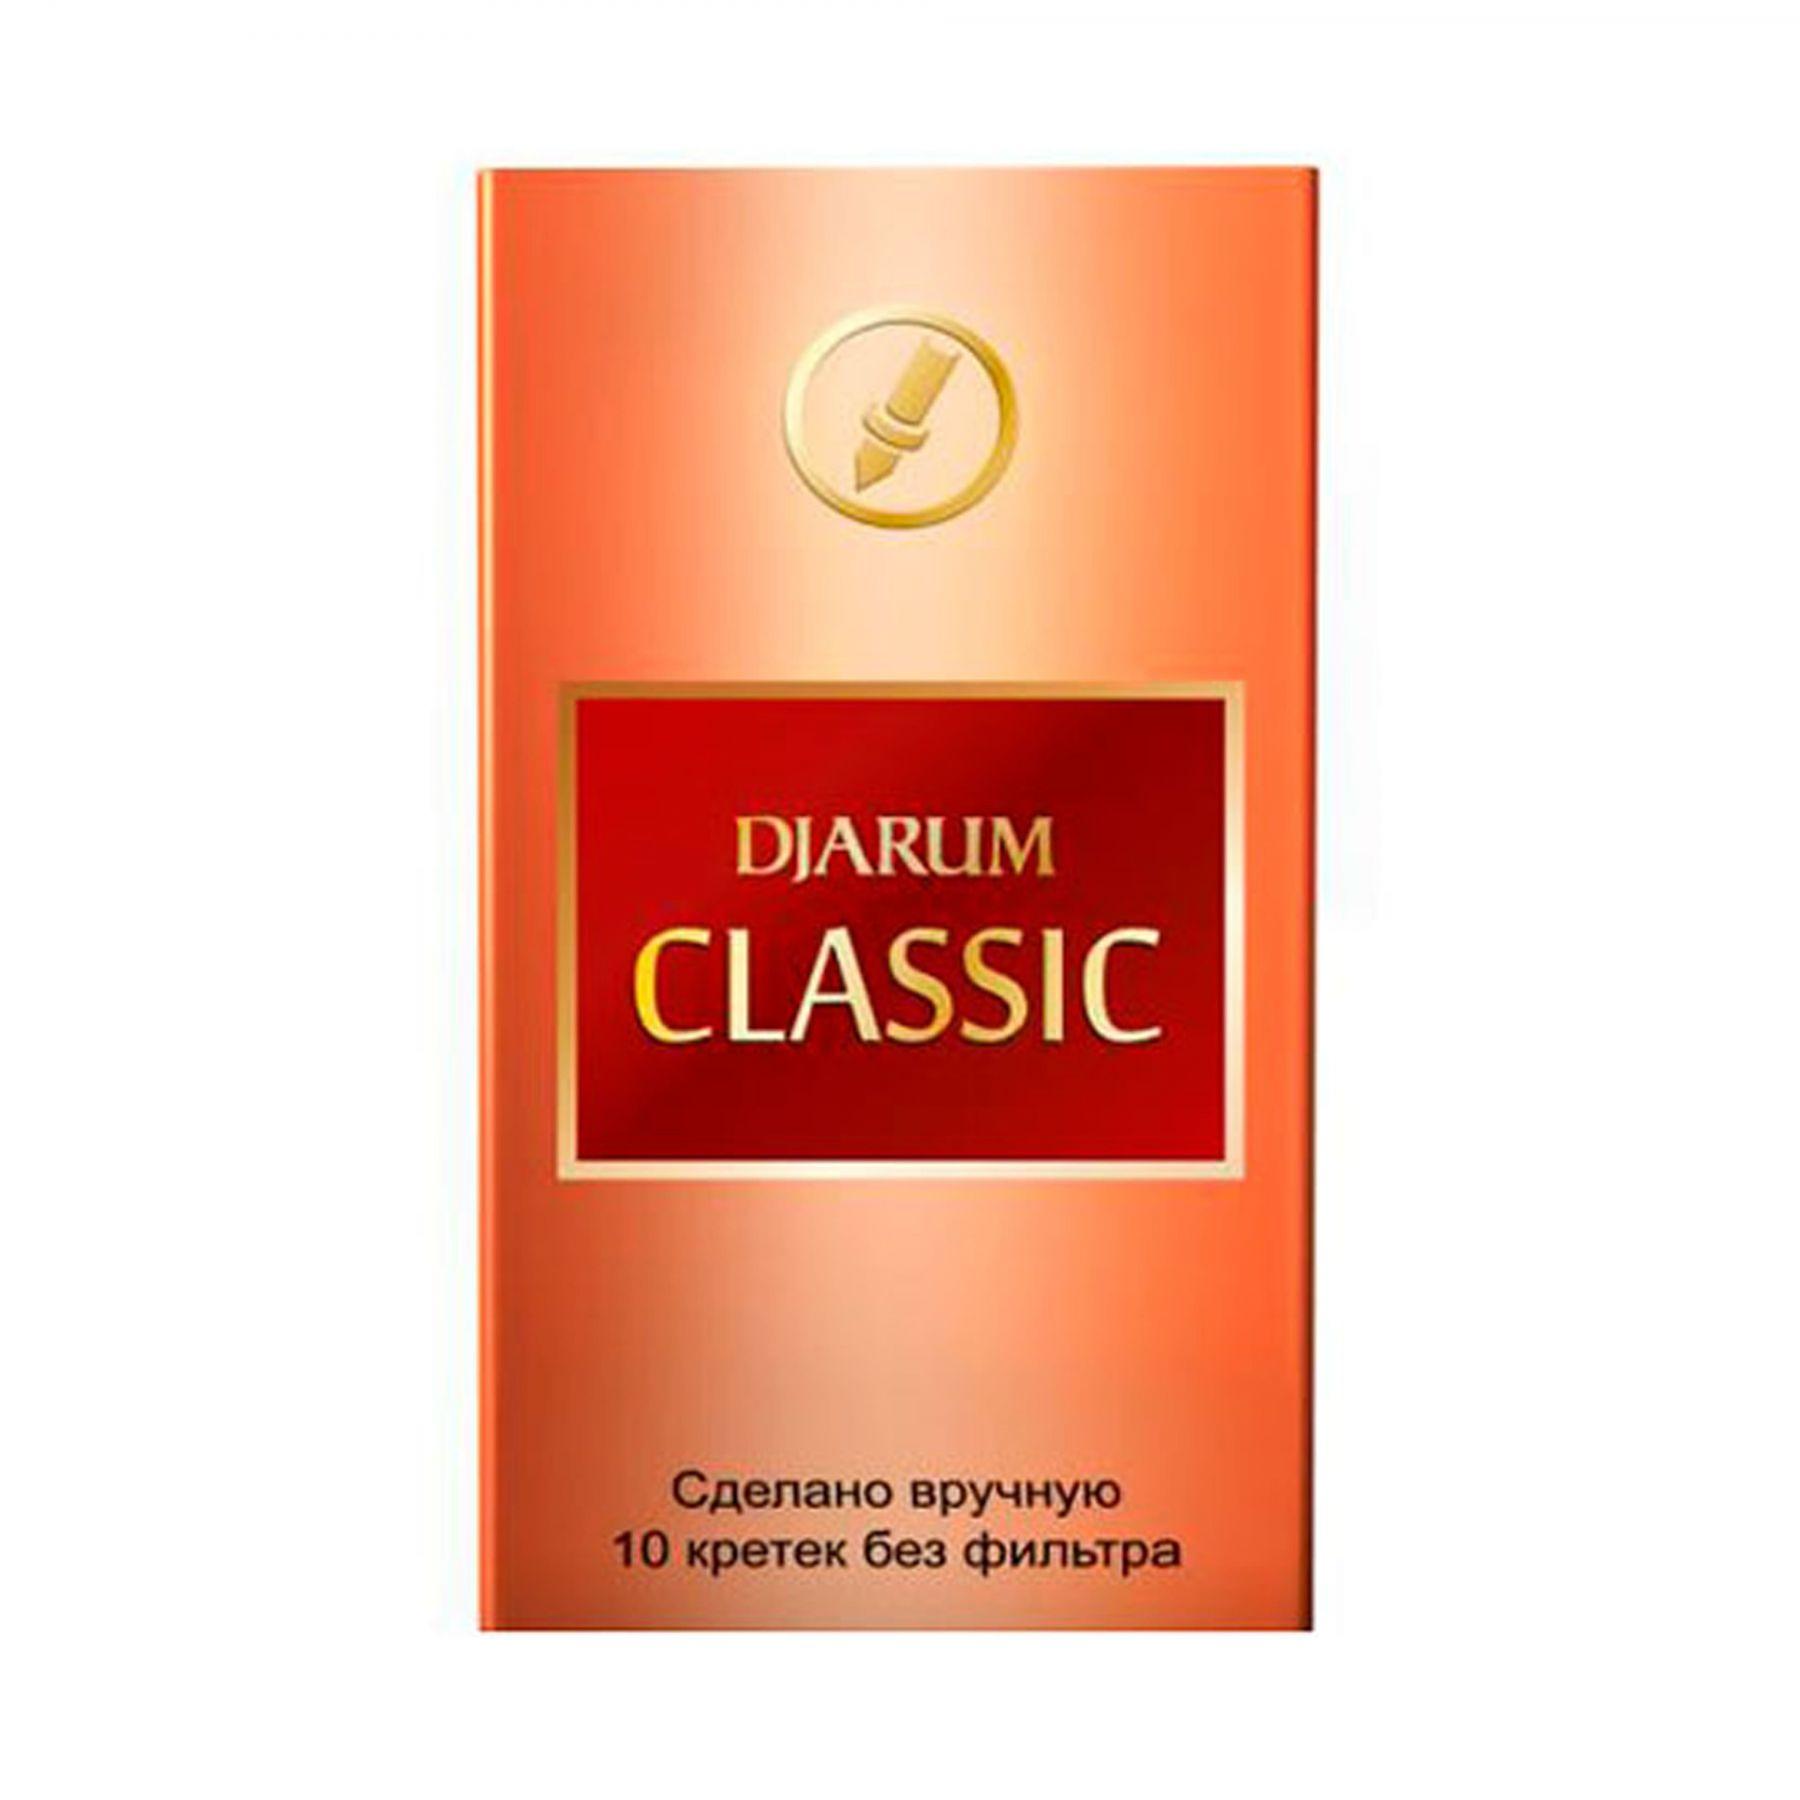 Джарум сигареты купить в спб сигареты электронные одноразовые без никотина со вкусом hqd цена